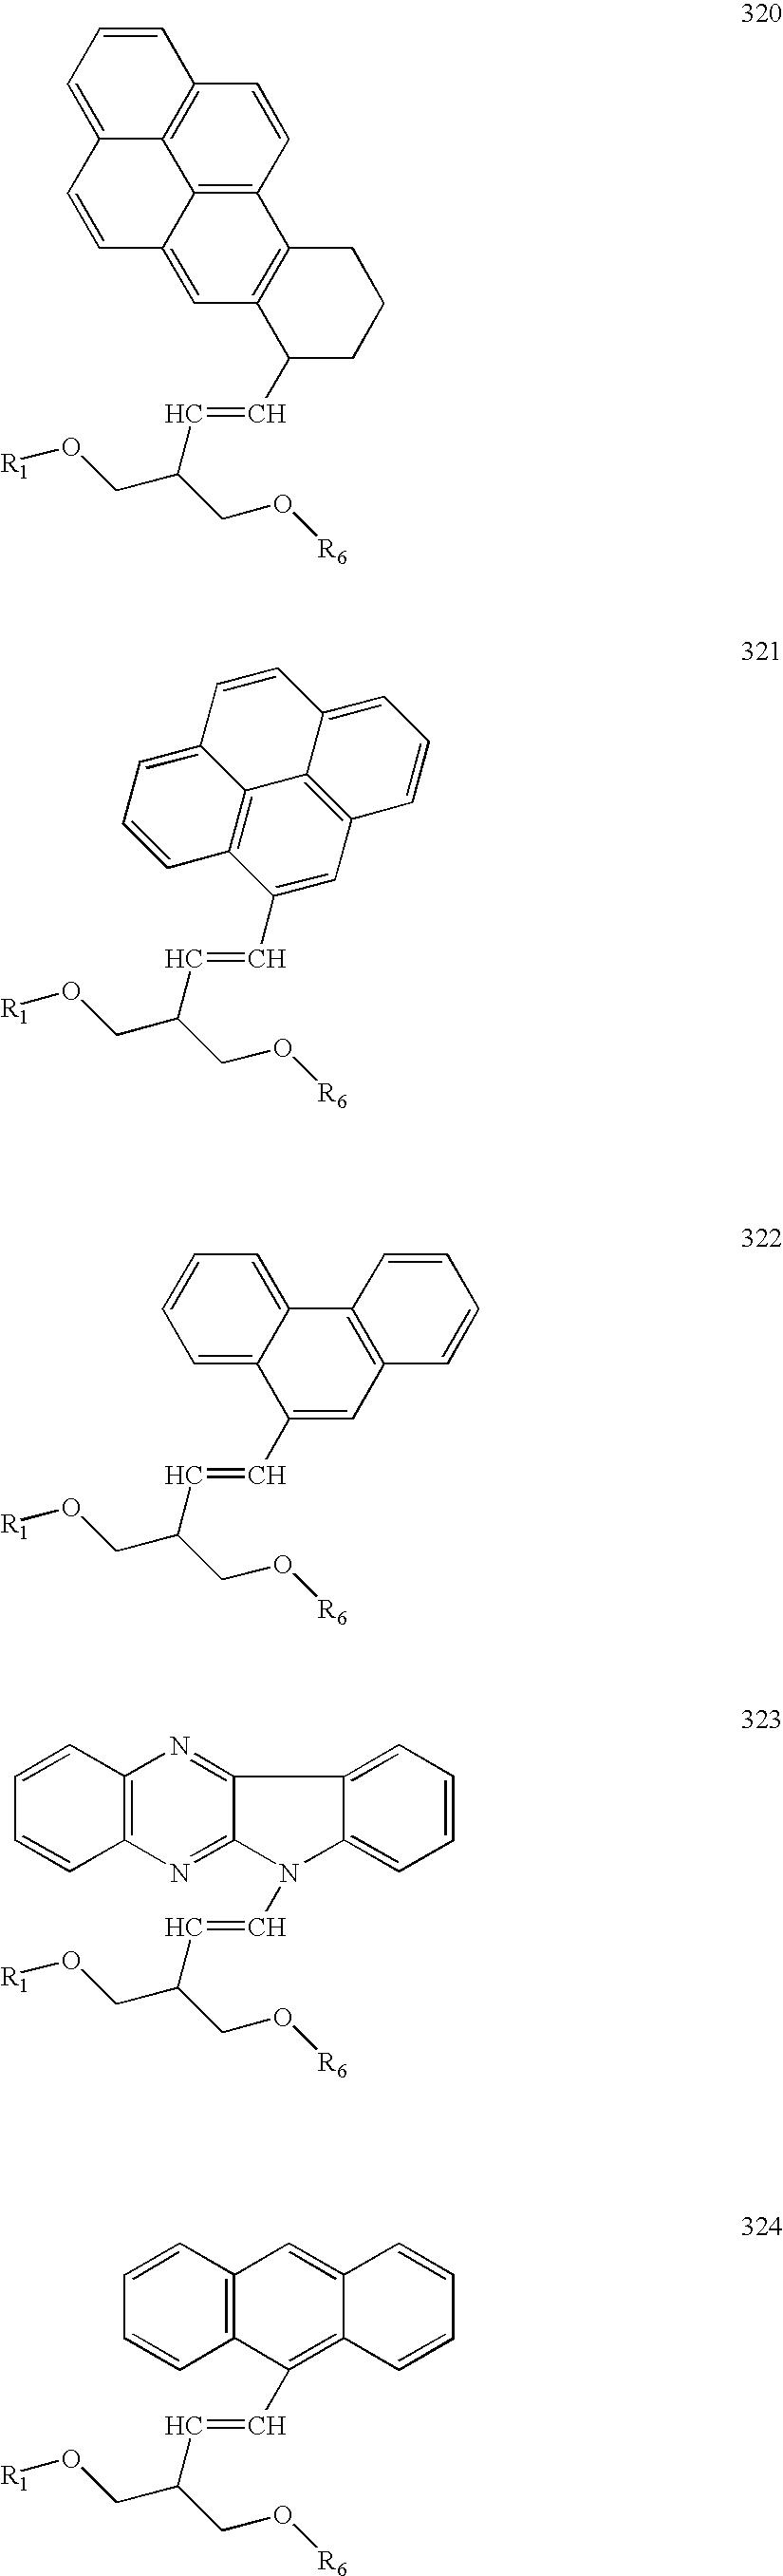 Figure US20060014144A1-20060119-C00159